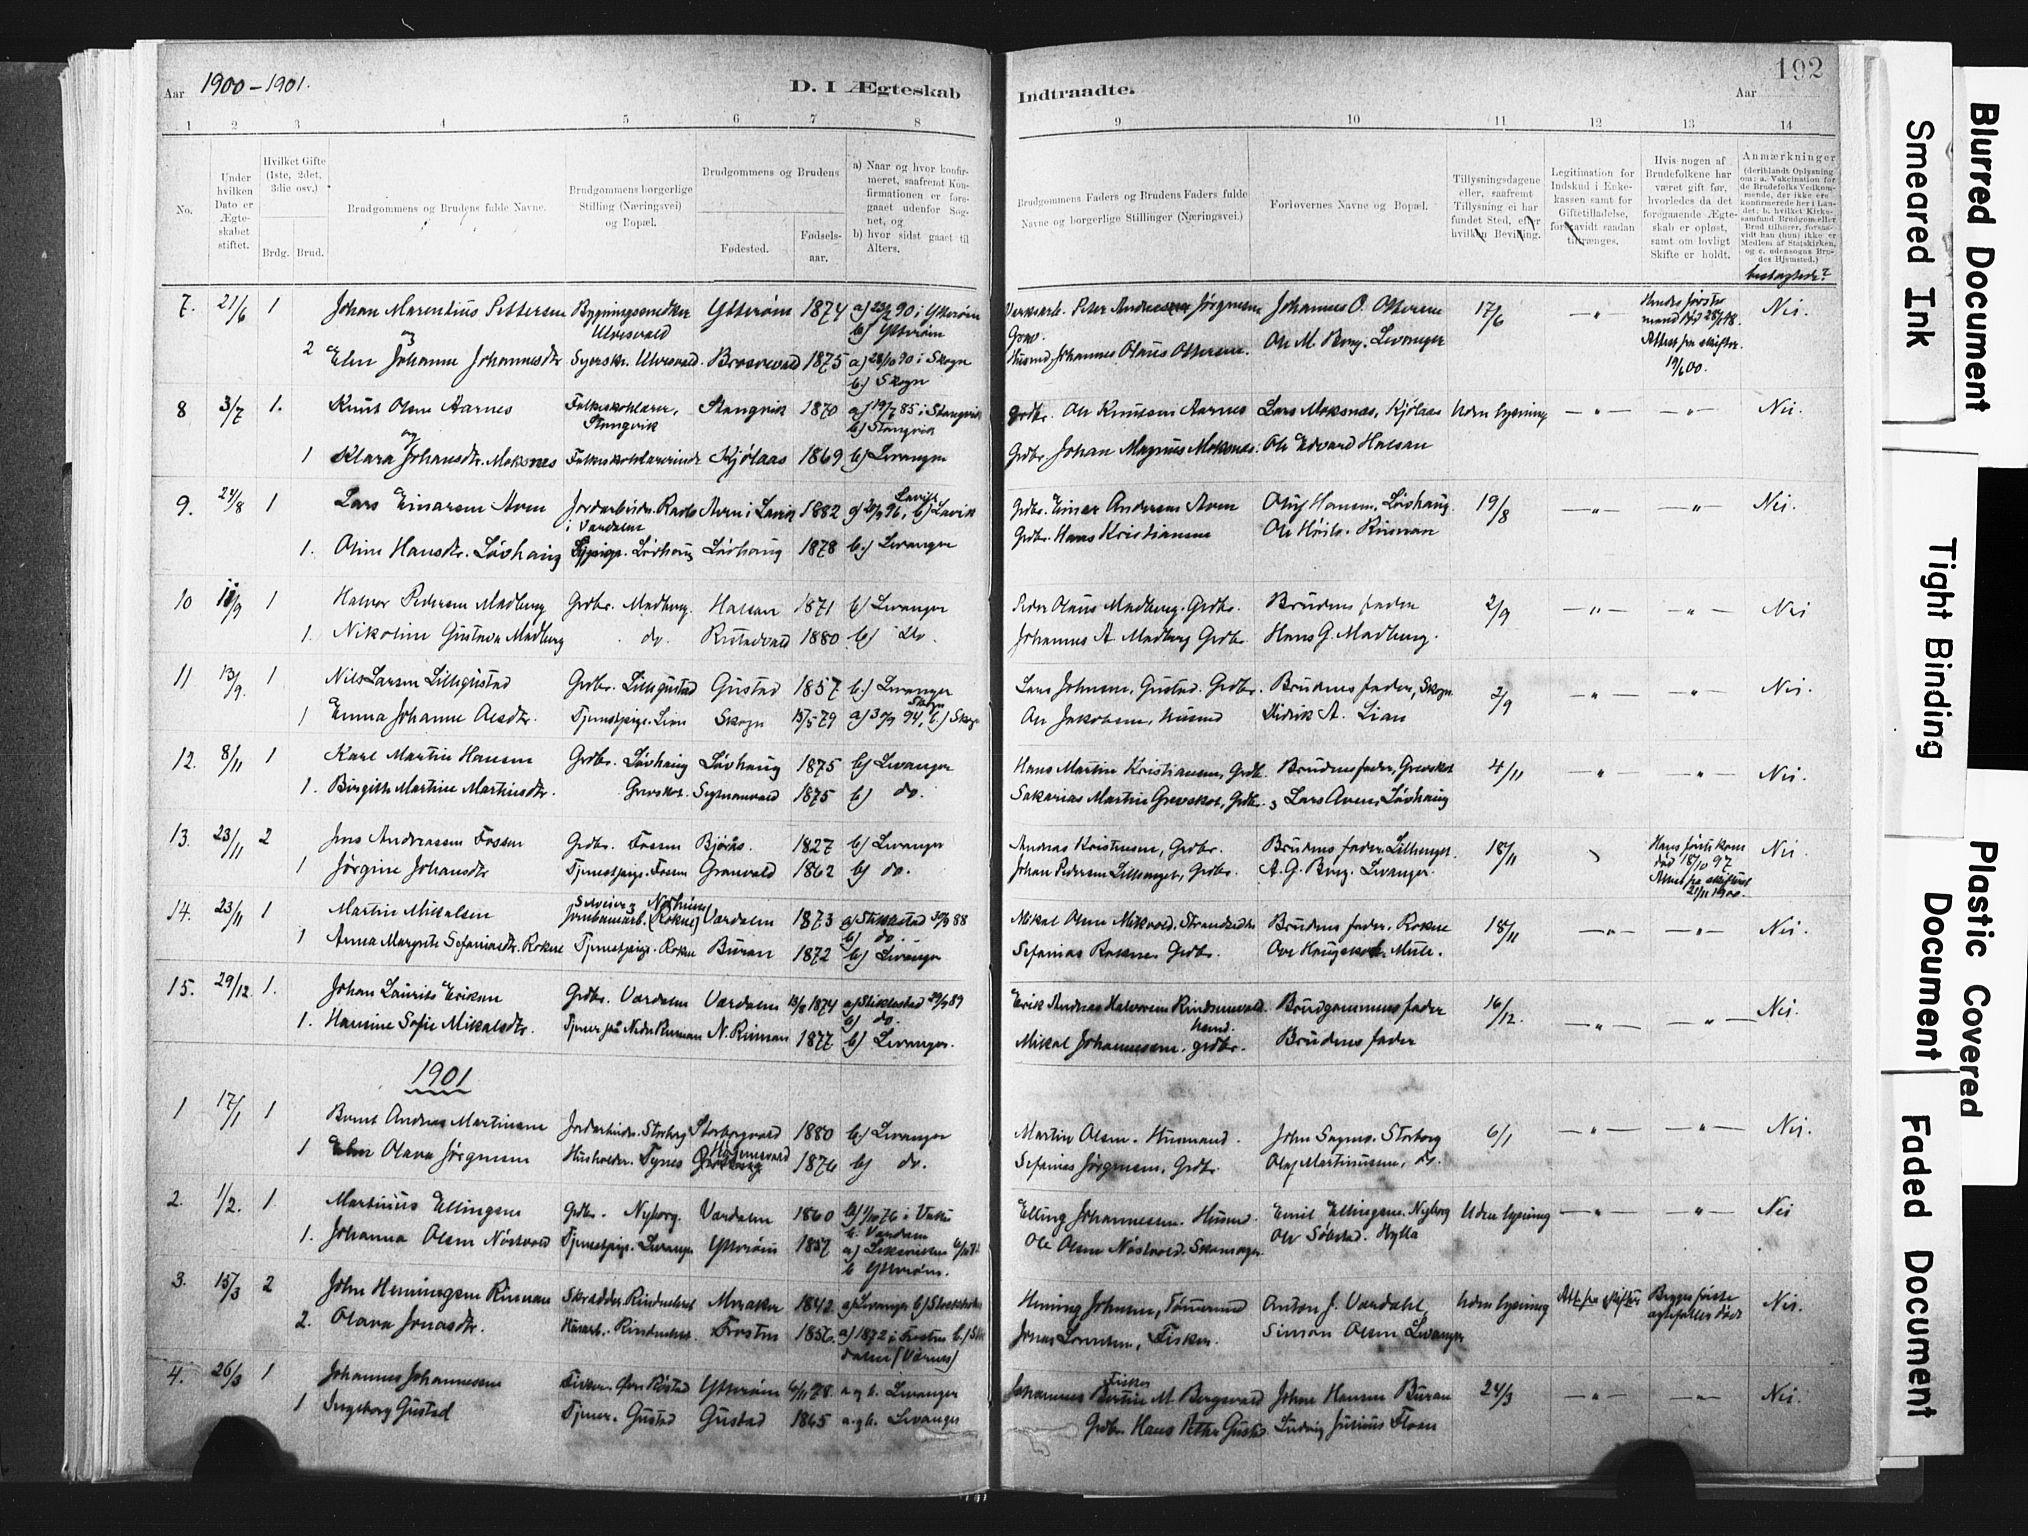 SAT, Ministerialprotokoller, klokkerbøker og fødselsregistre - Nord-Trøndelag, 721/L0207: Ministerialbok nr. 721A02, 1880-1911, s. 192